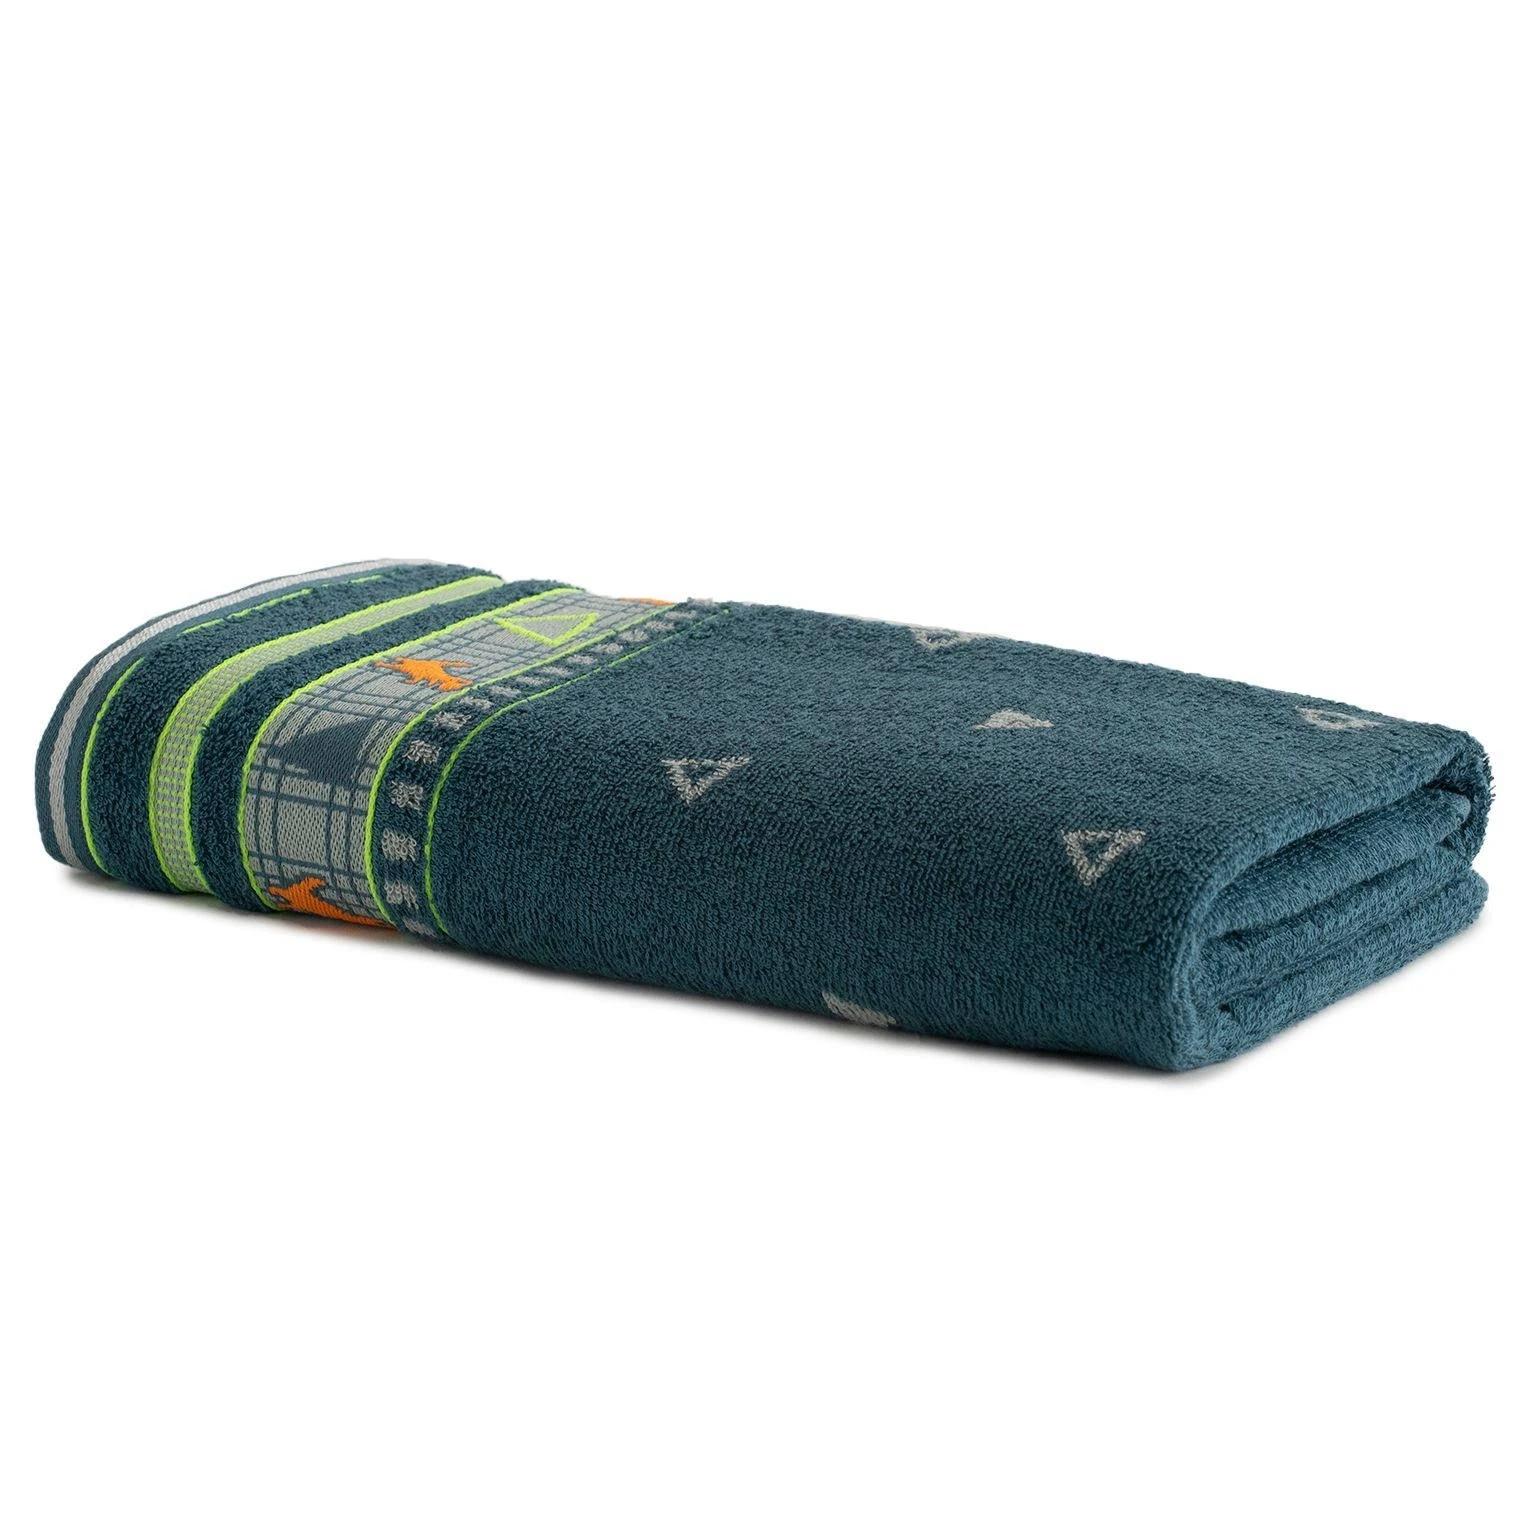 Toalha de Banho Artex Infantil 100 Algodao 70x135 cm Cobalto